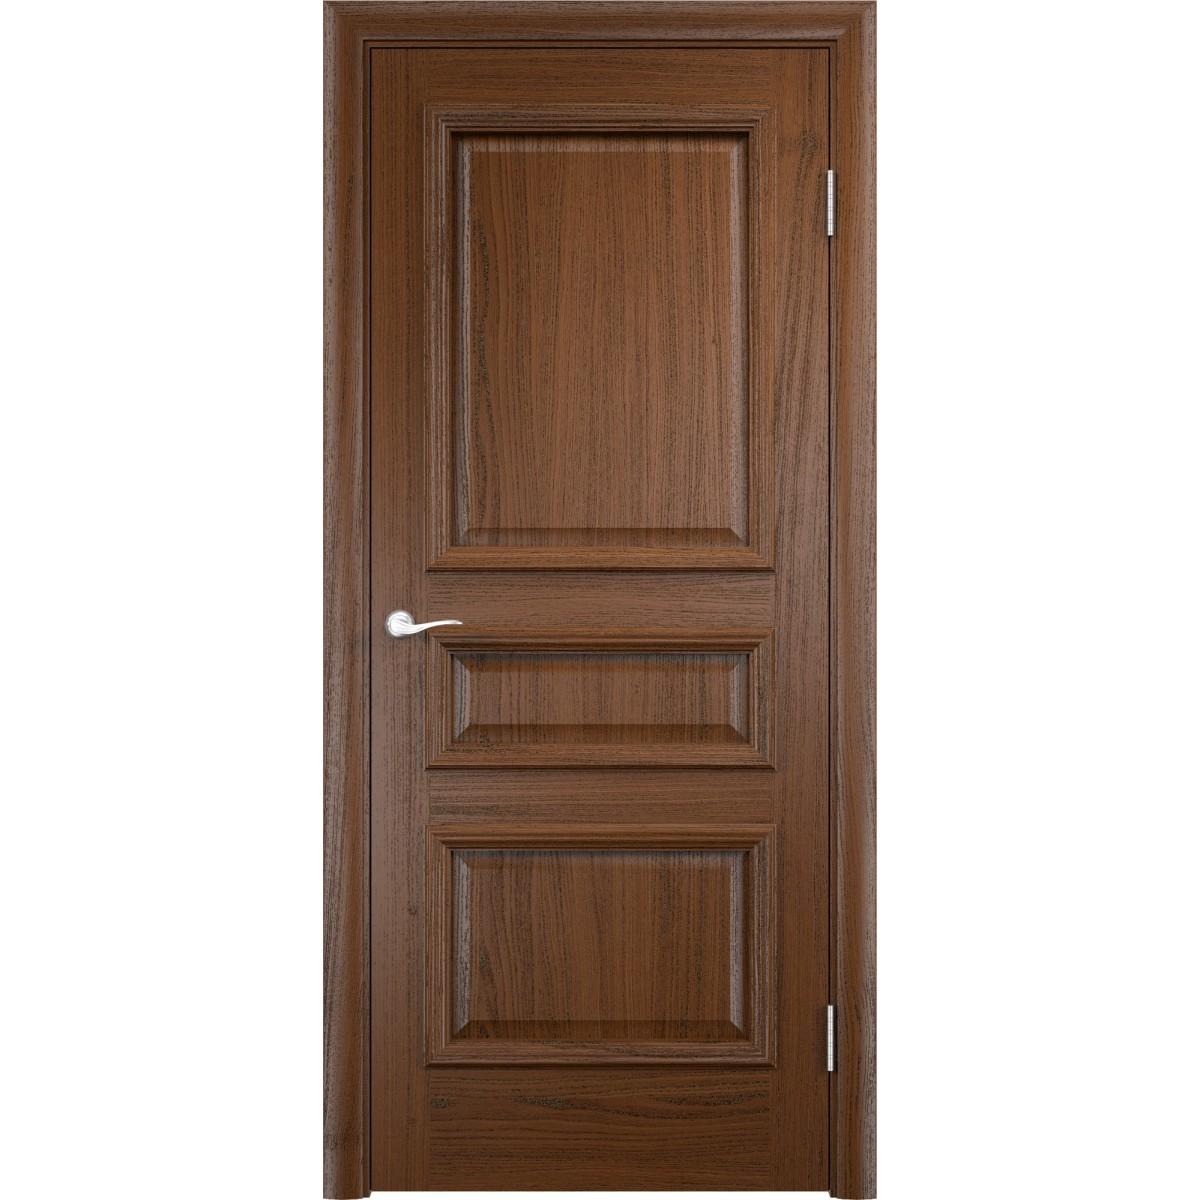 Дверь Межкомнатная Глухая Мадрид 70x200 Шпон Цвет Дуб Тёмный С Фурнитурой